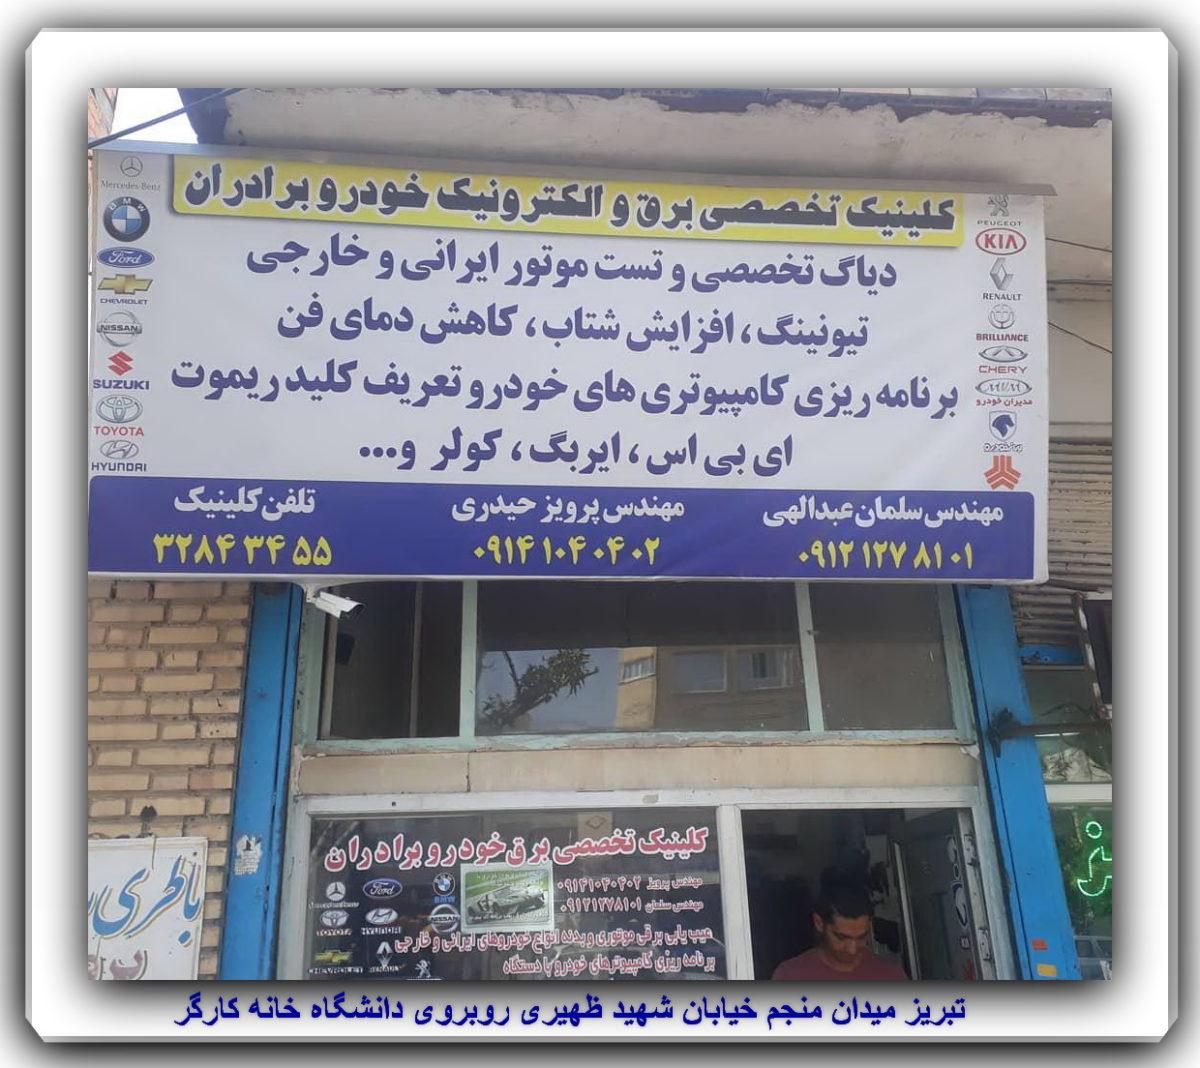 تست موتور تبریز برق خودرو برادران